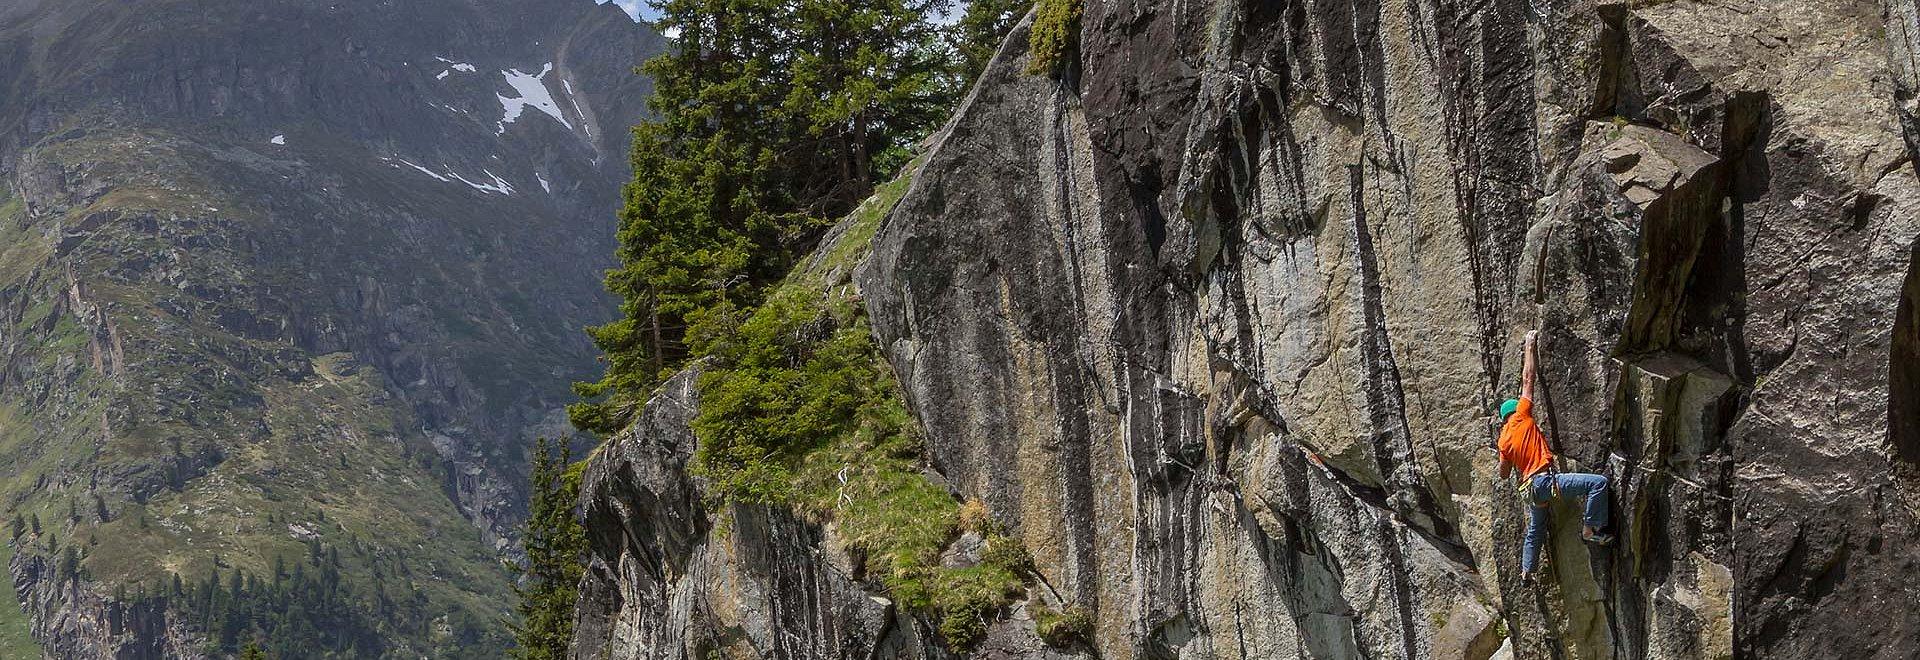 Klettern in St. Leonhard